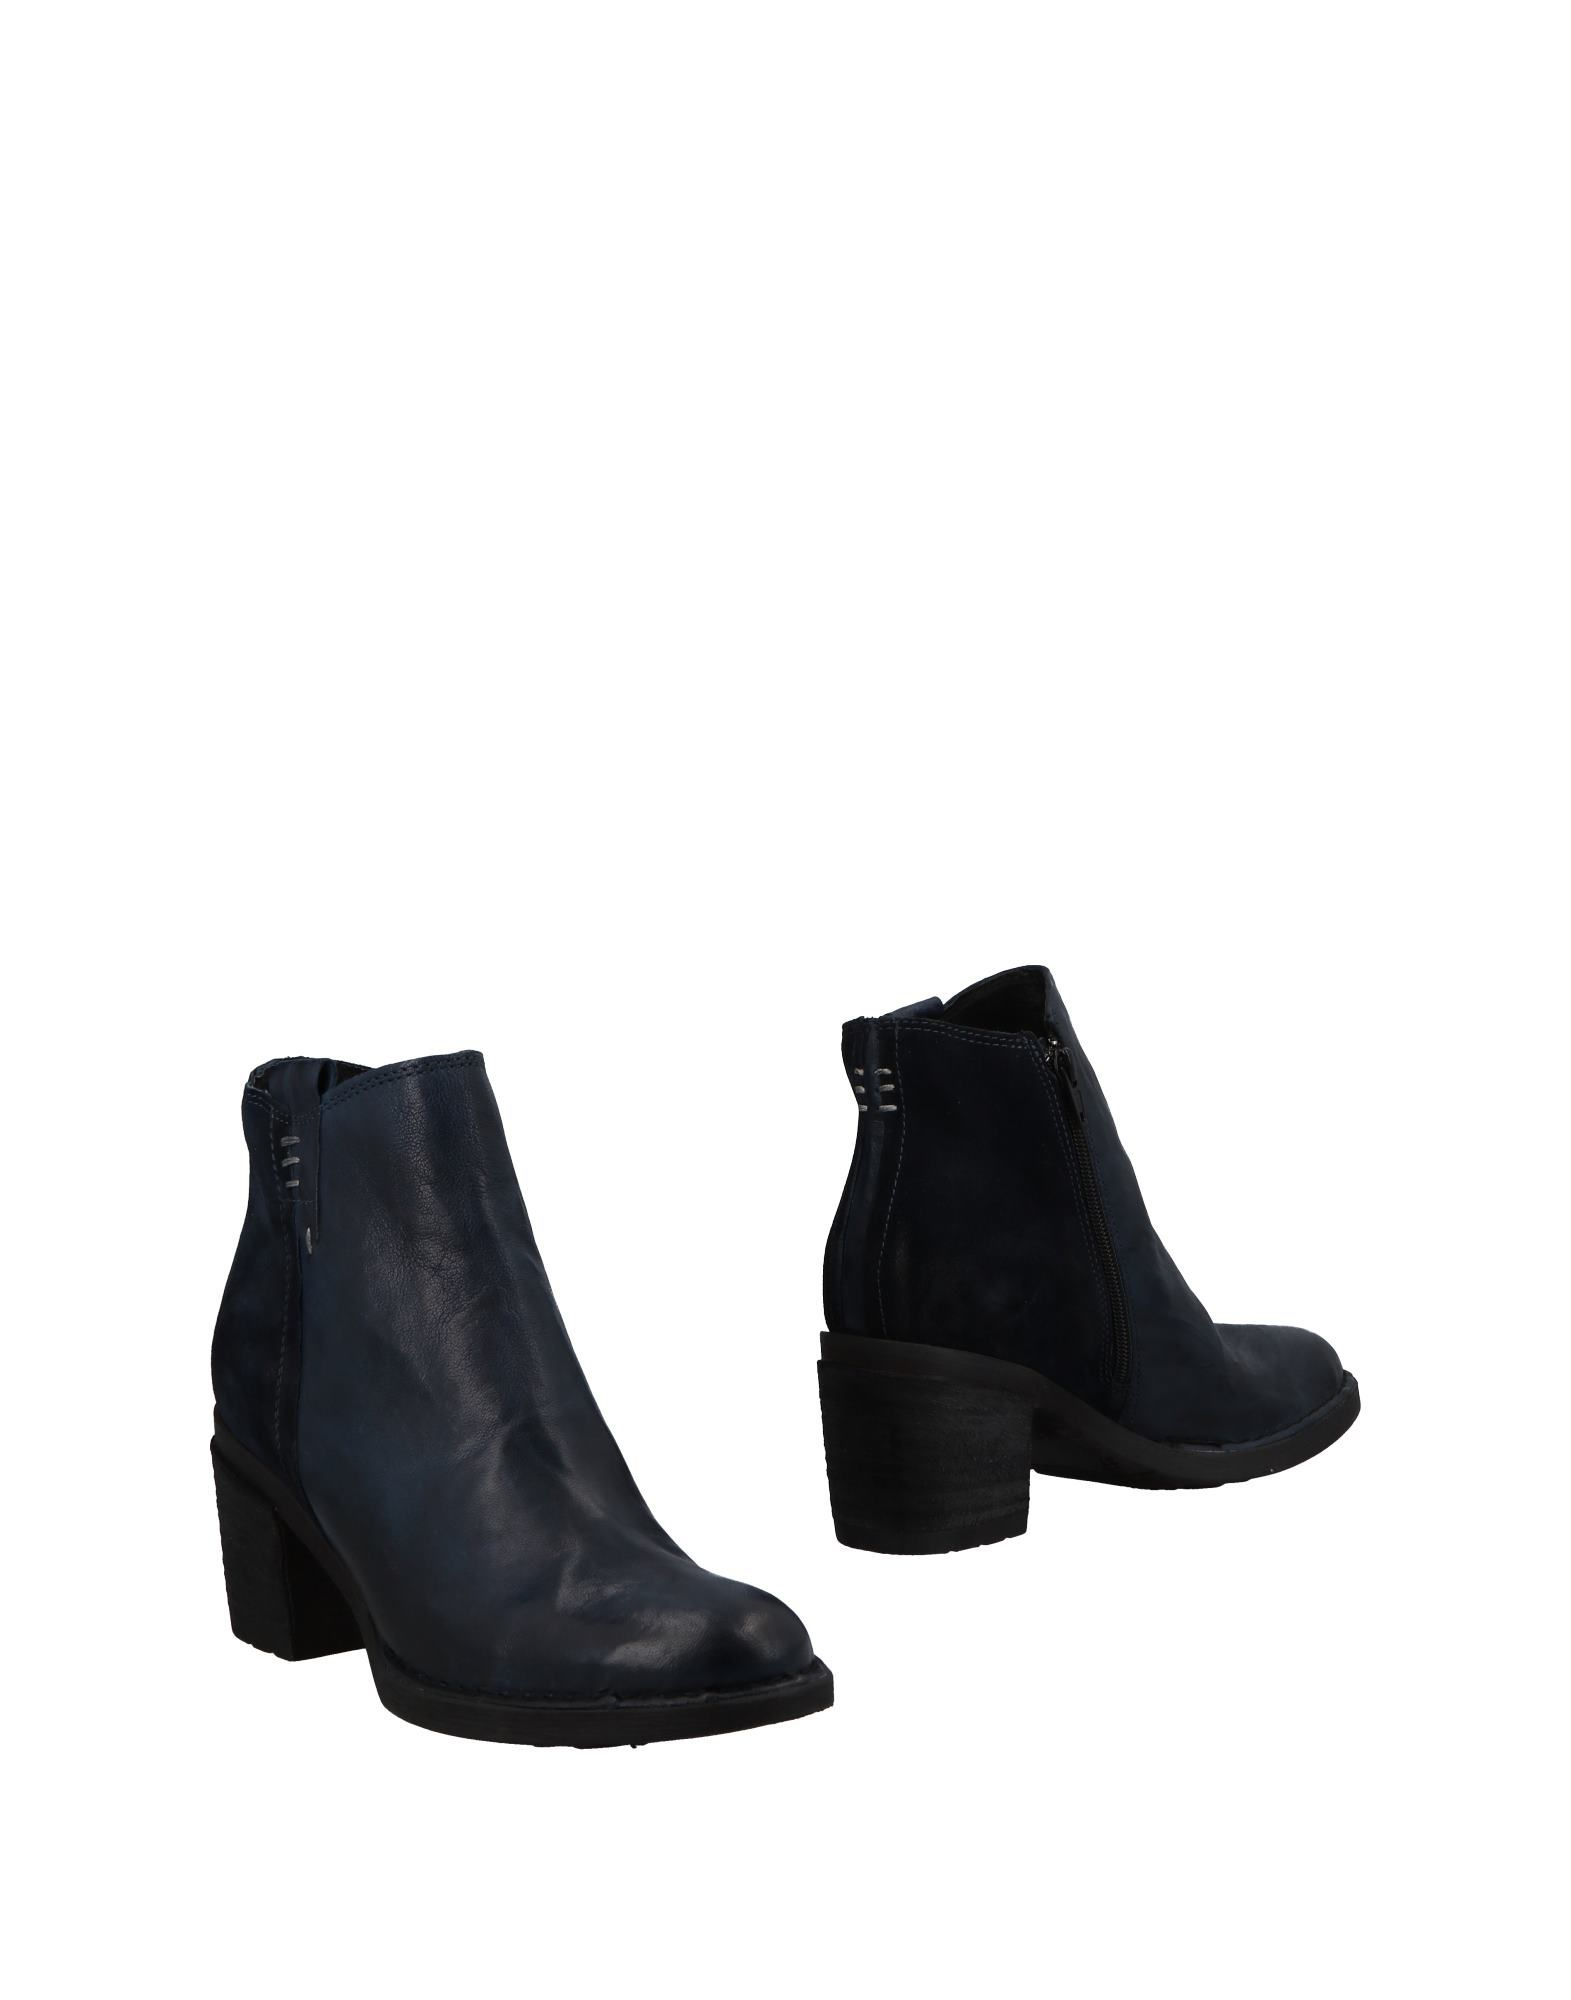 Khrio' Stiefelette Damen  11492380DC Gute Qualität beliebte Schuhe